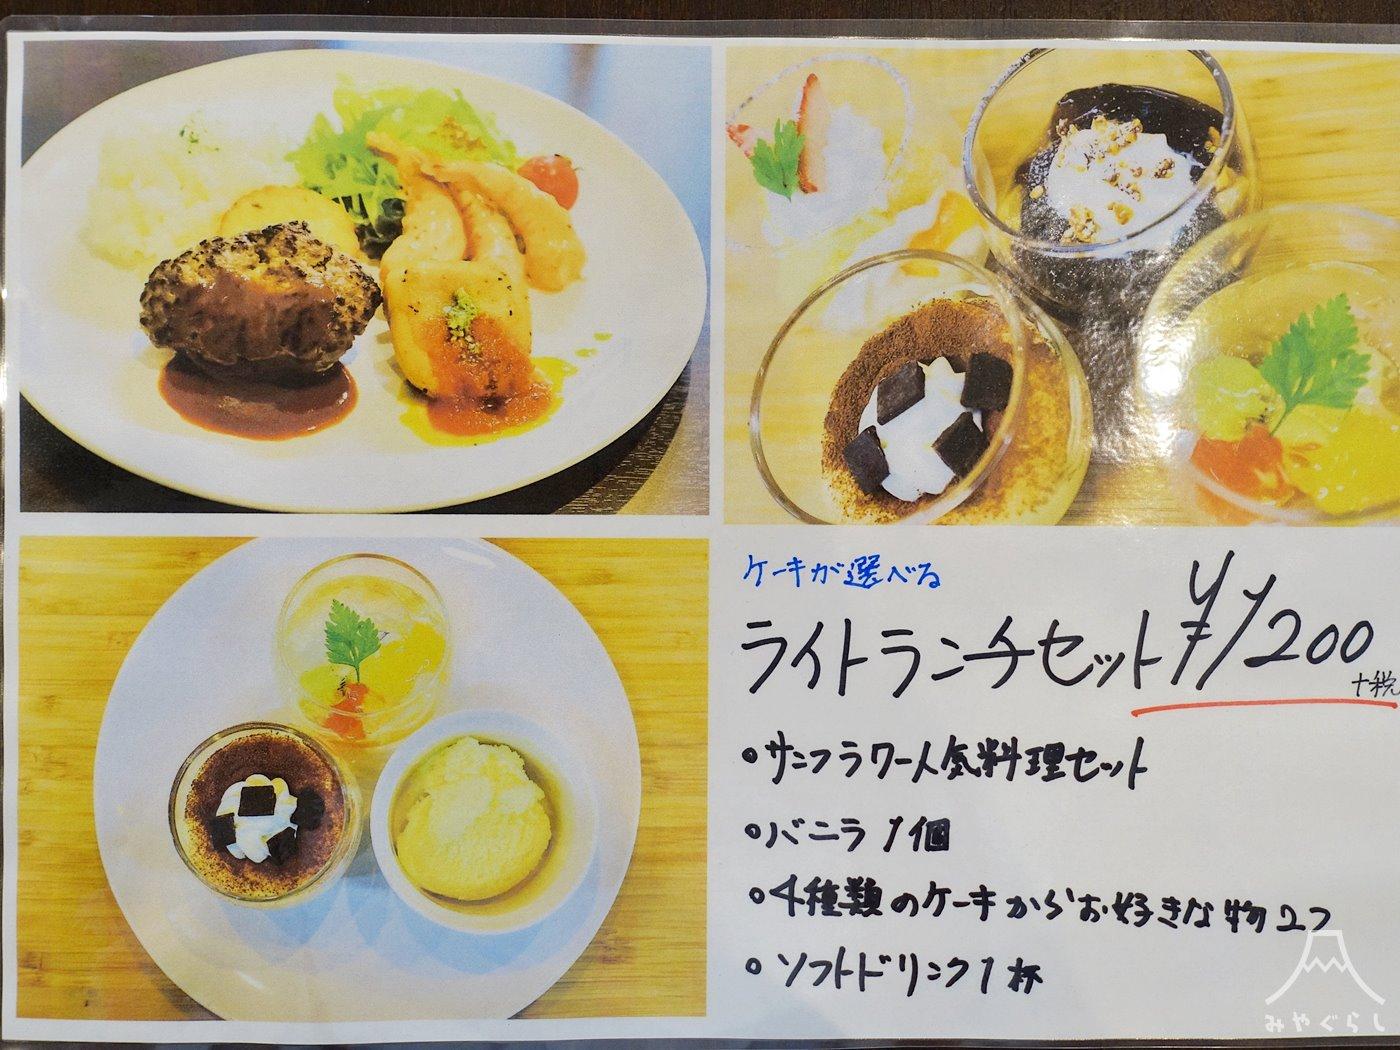 サン フラワー 富士宮